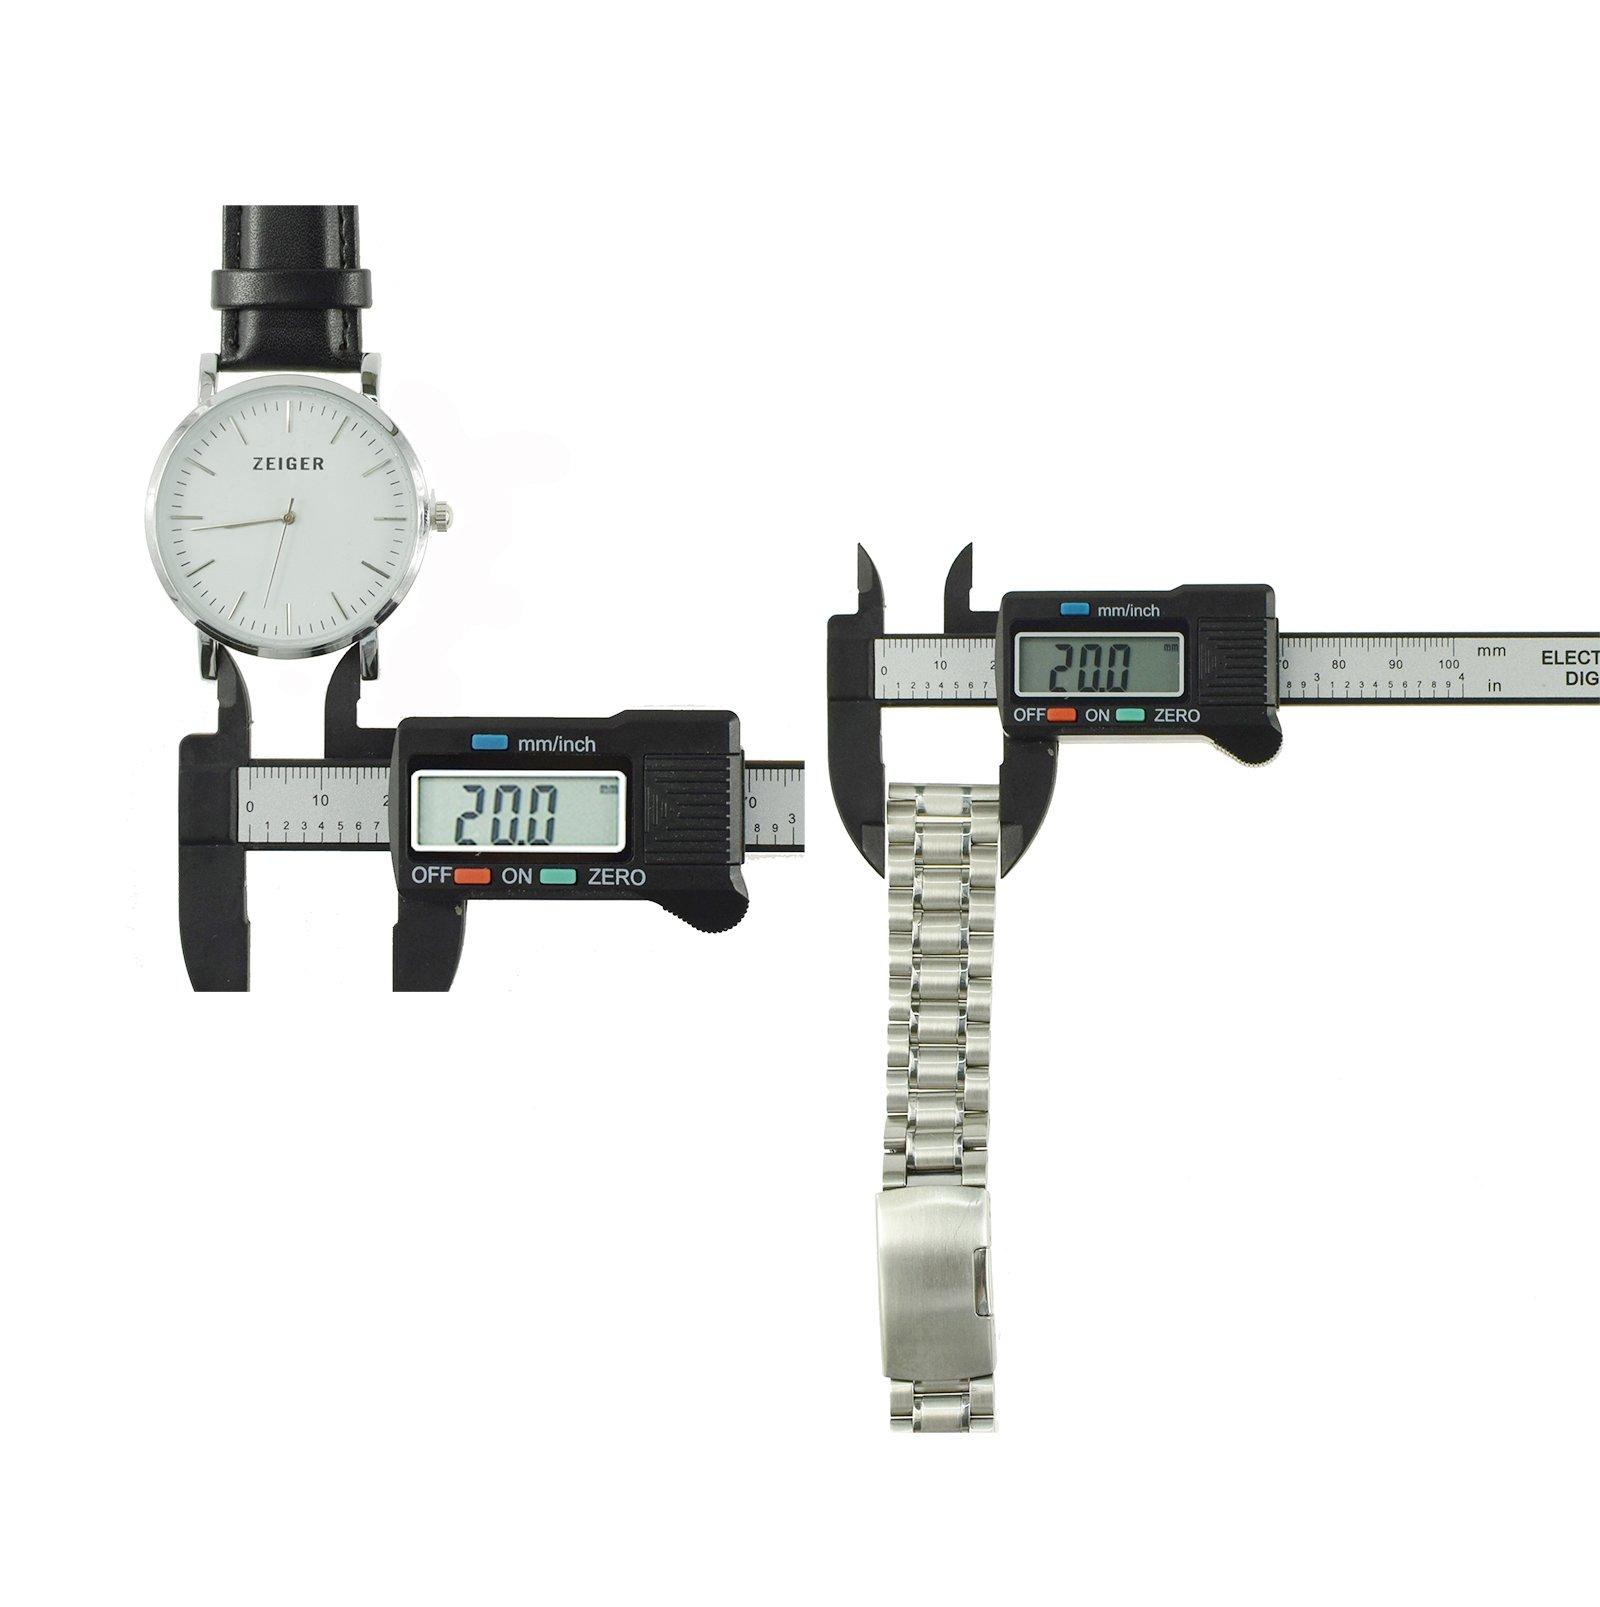 Zeiger-Unisex-Edelstahl-Leder-Uhrenarmband-Herren-Faltschliee-Damen-Uhr-Armband-18mm-20mm-22mm